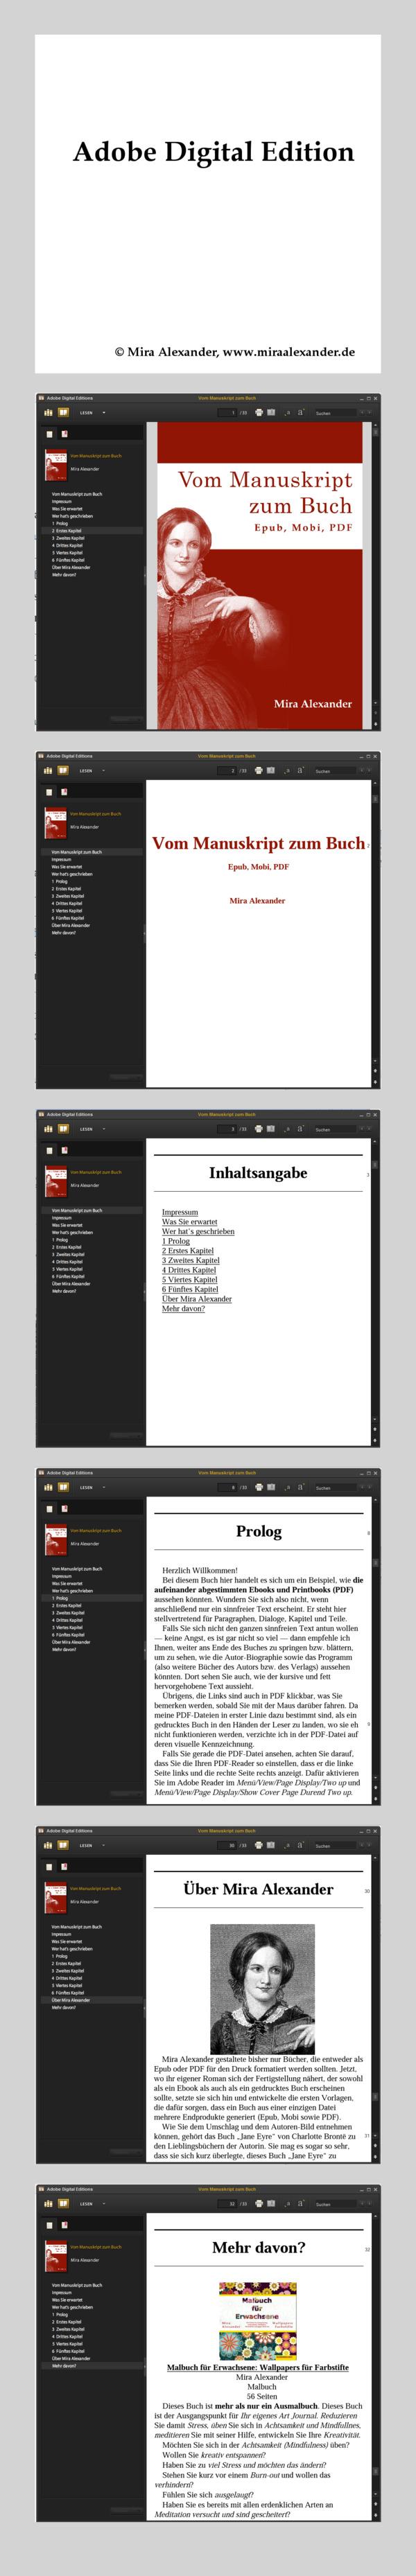 Schwarz: Roman-Manuskripte in aufeinander abgestimmte Epub, Mobi und PDF umwandeln. Was ist die schönere Vorlage? von Mira Alexander, http://www.miraalexander.de